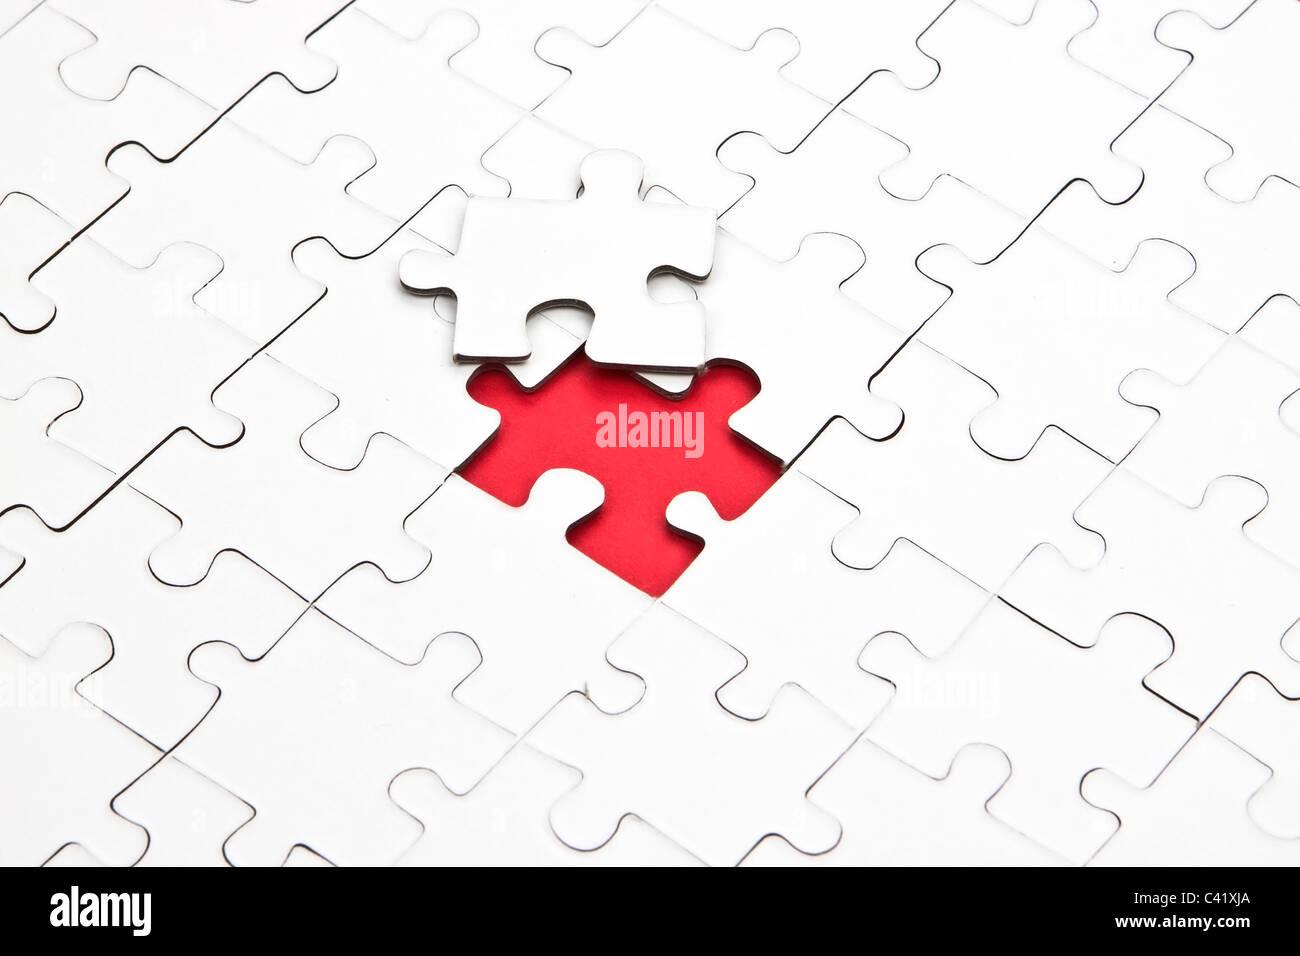 Un rompecabezas con piezas faltantes, los cuales están conectados Imagen De Stock